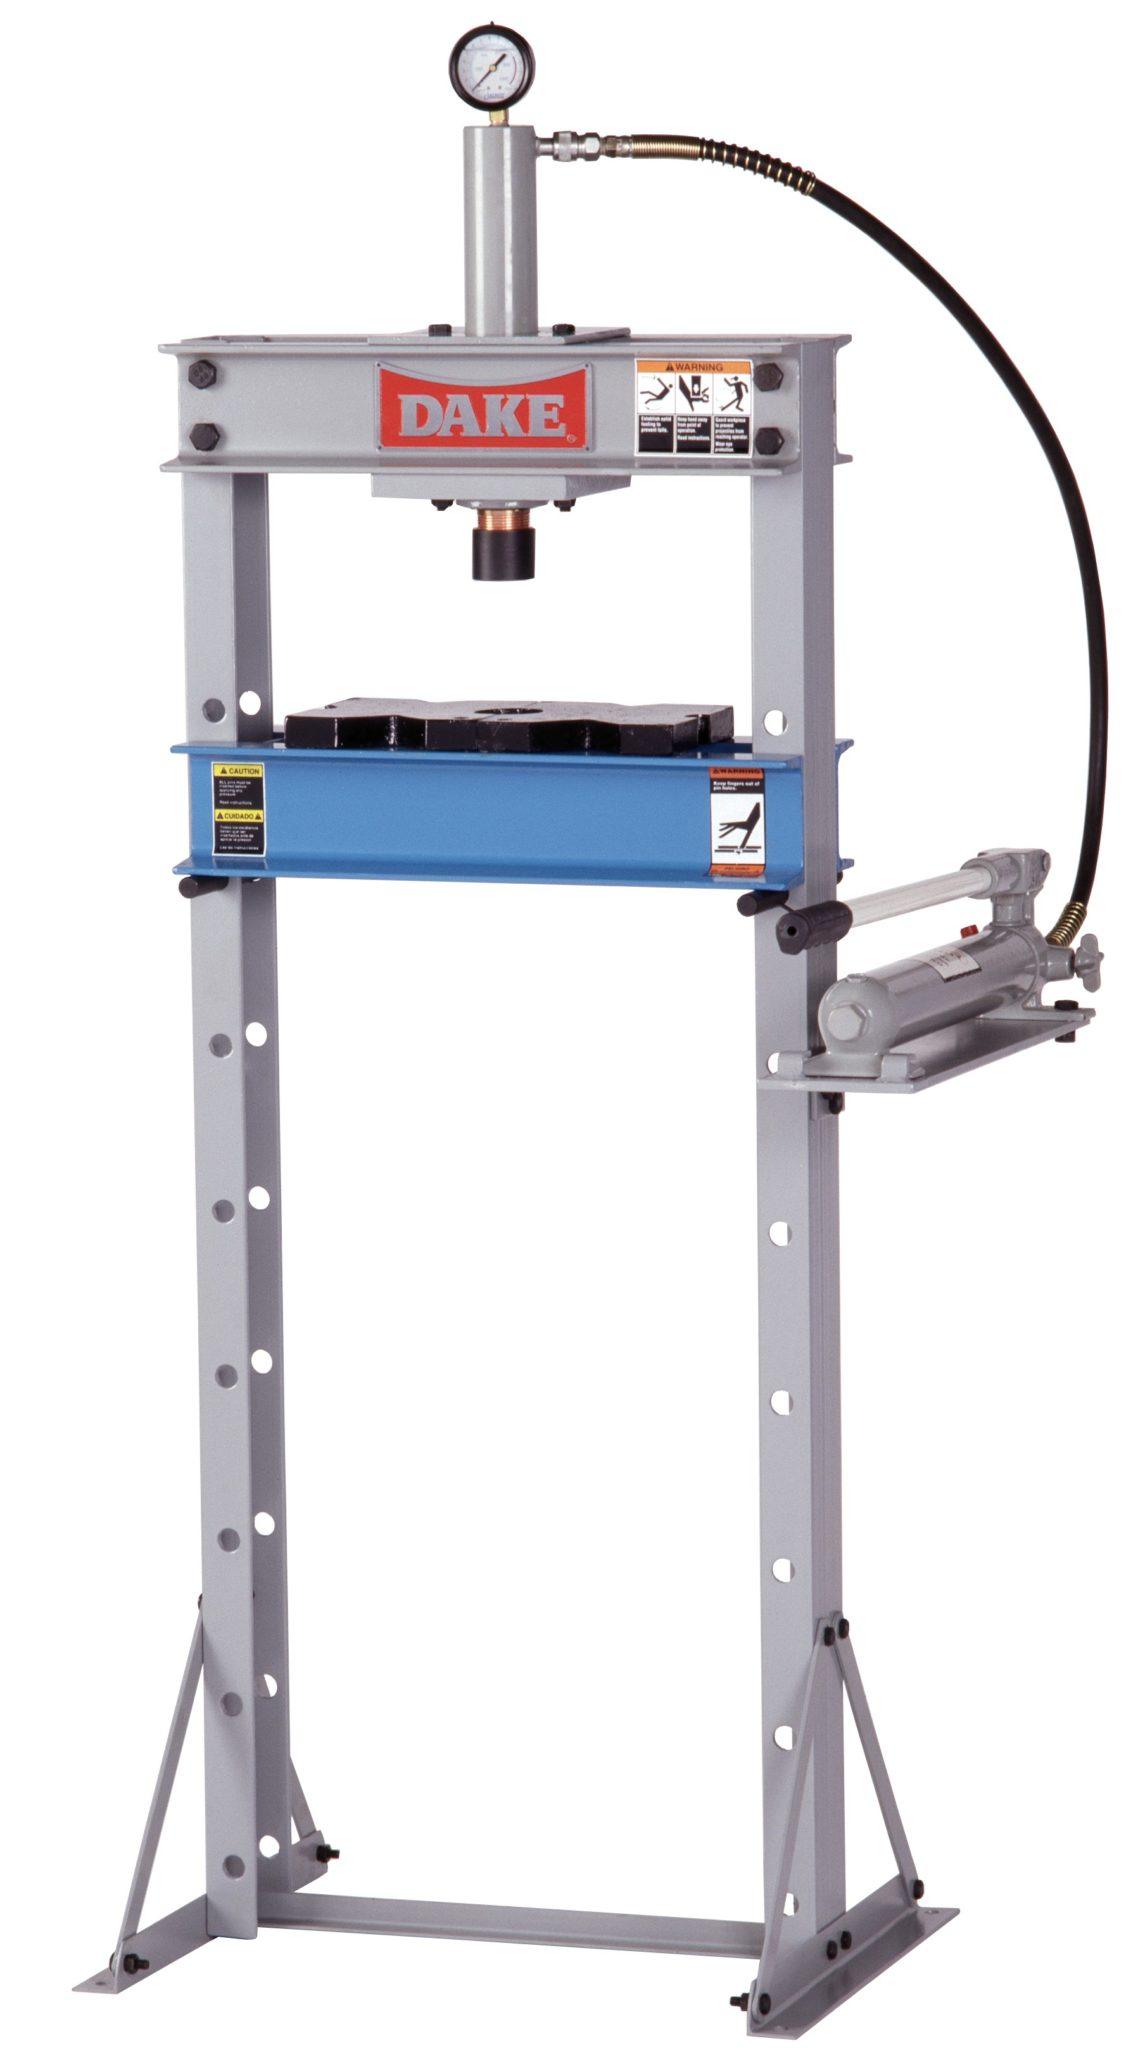 Dake 10 Ton Utility Hydraulic Press Model F 10 New